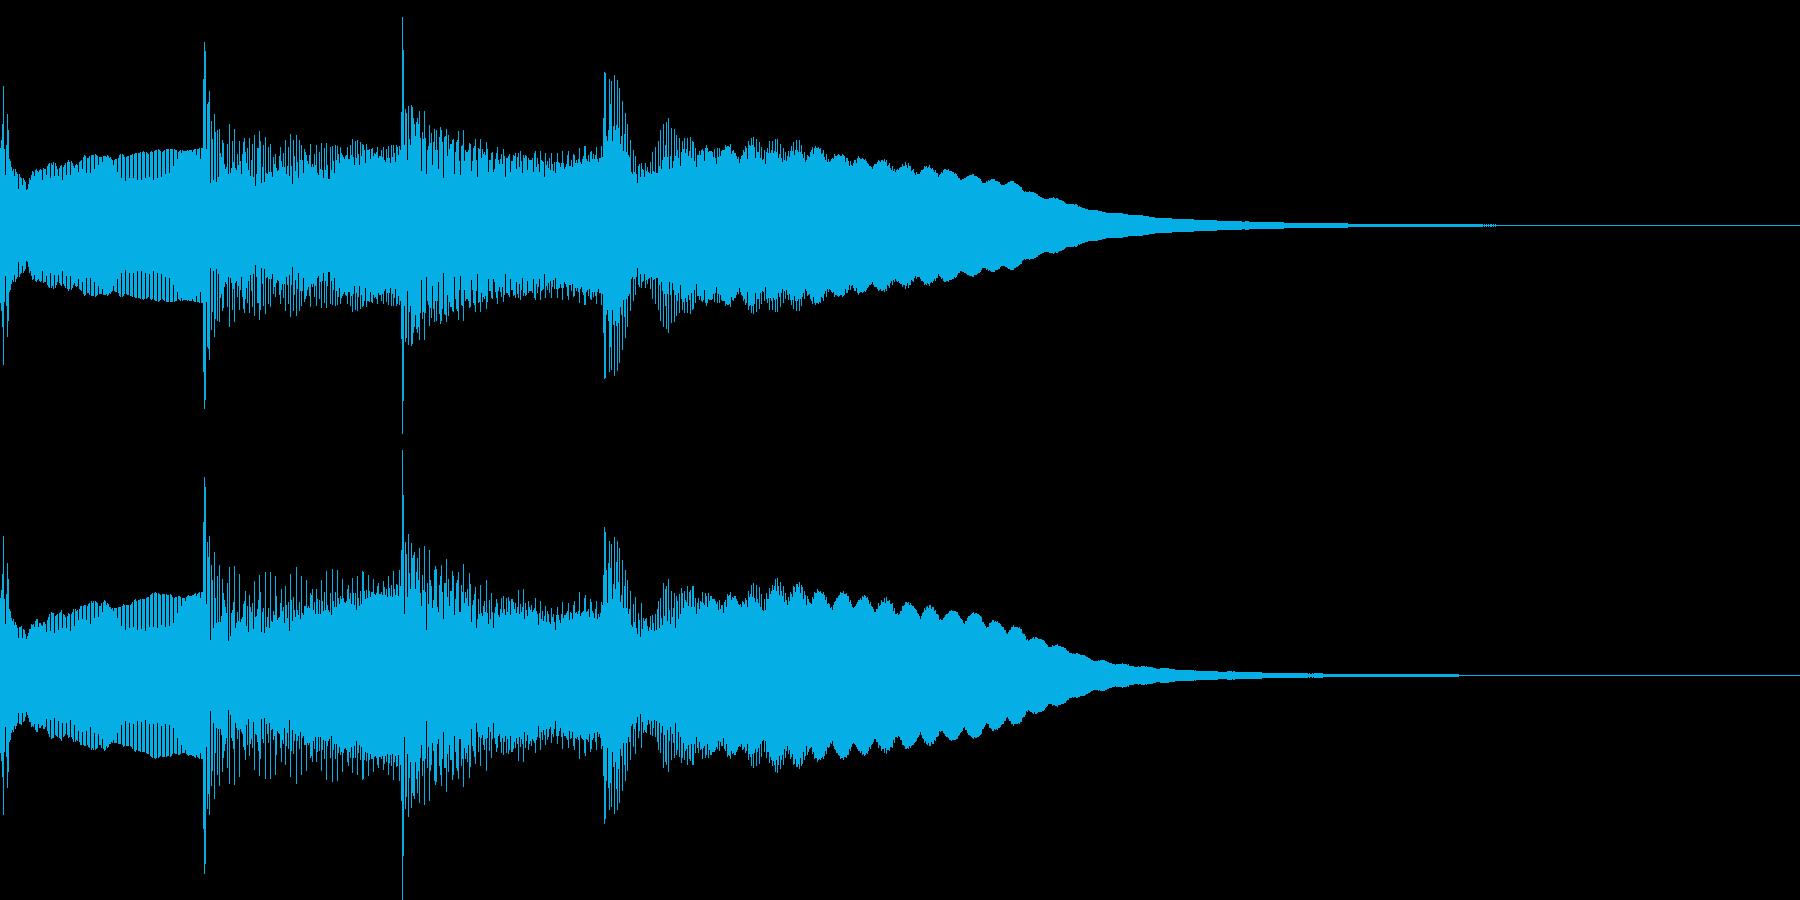 【放送】ピンポンパンポーン↑の再生済みの波形